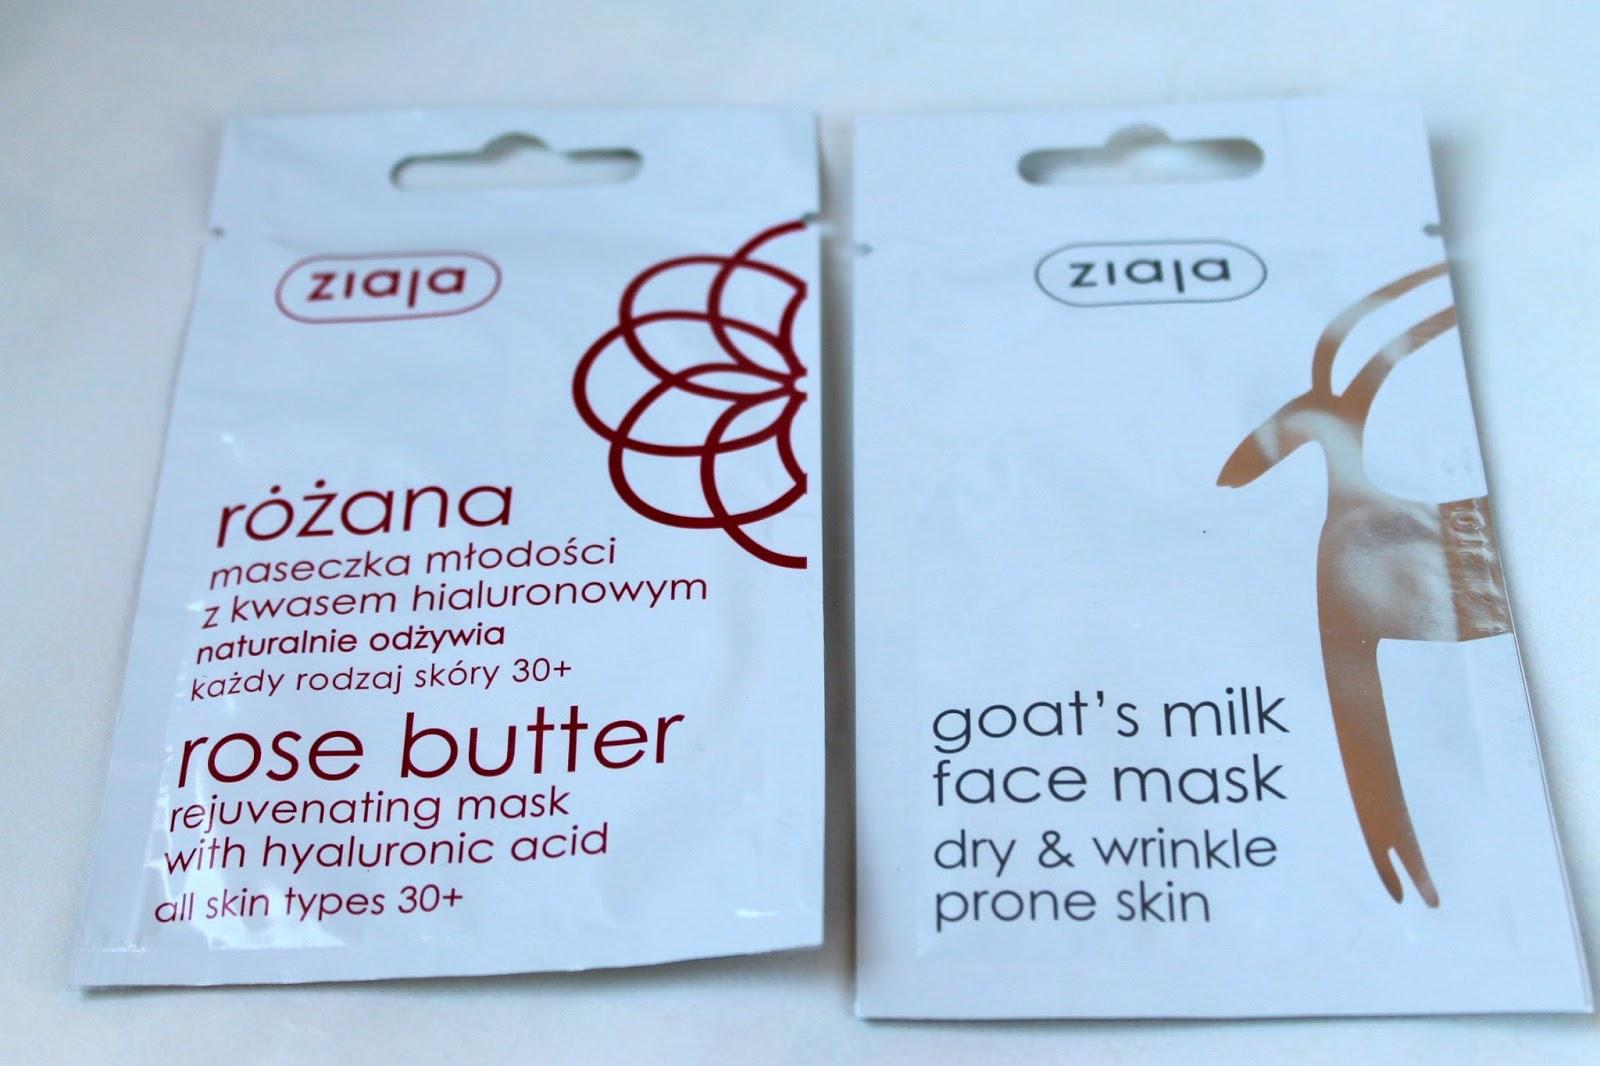 Ziaja pleťové masky - kozie mlieko & ružové maslo